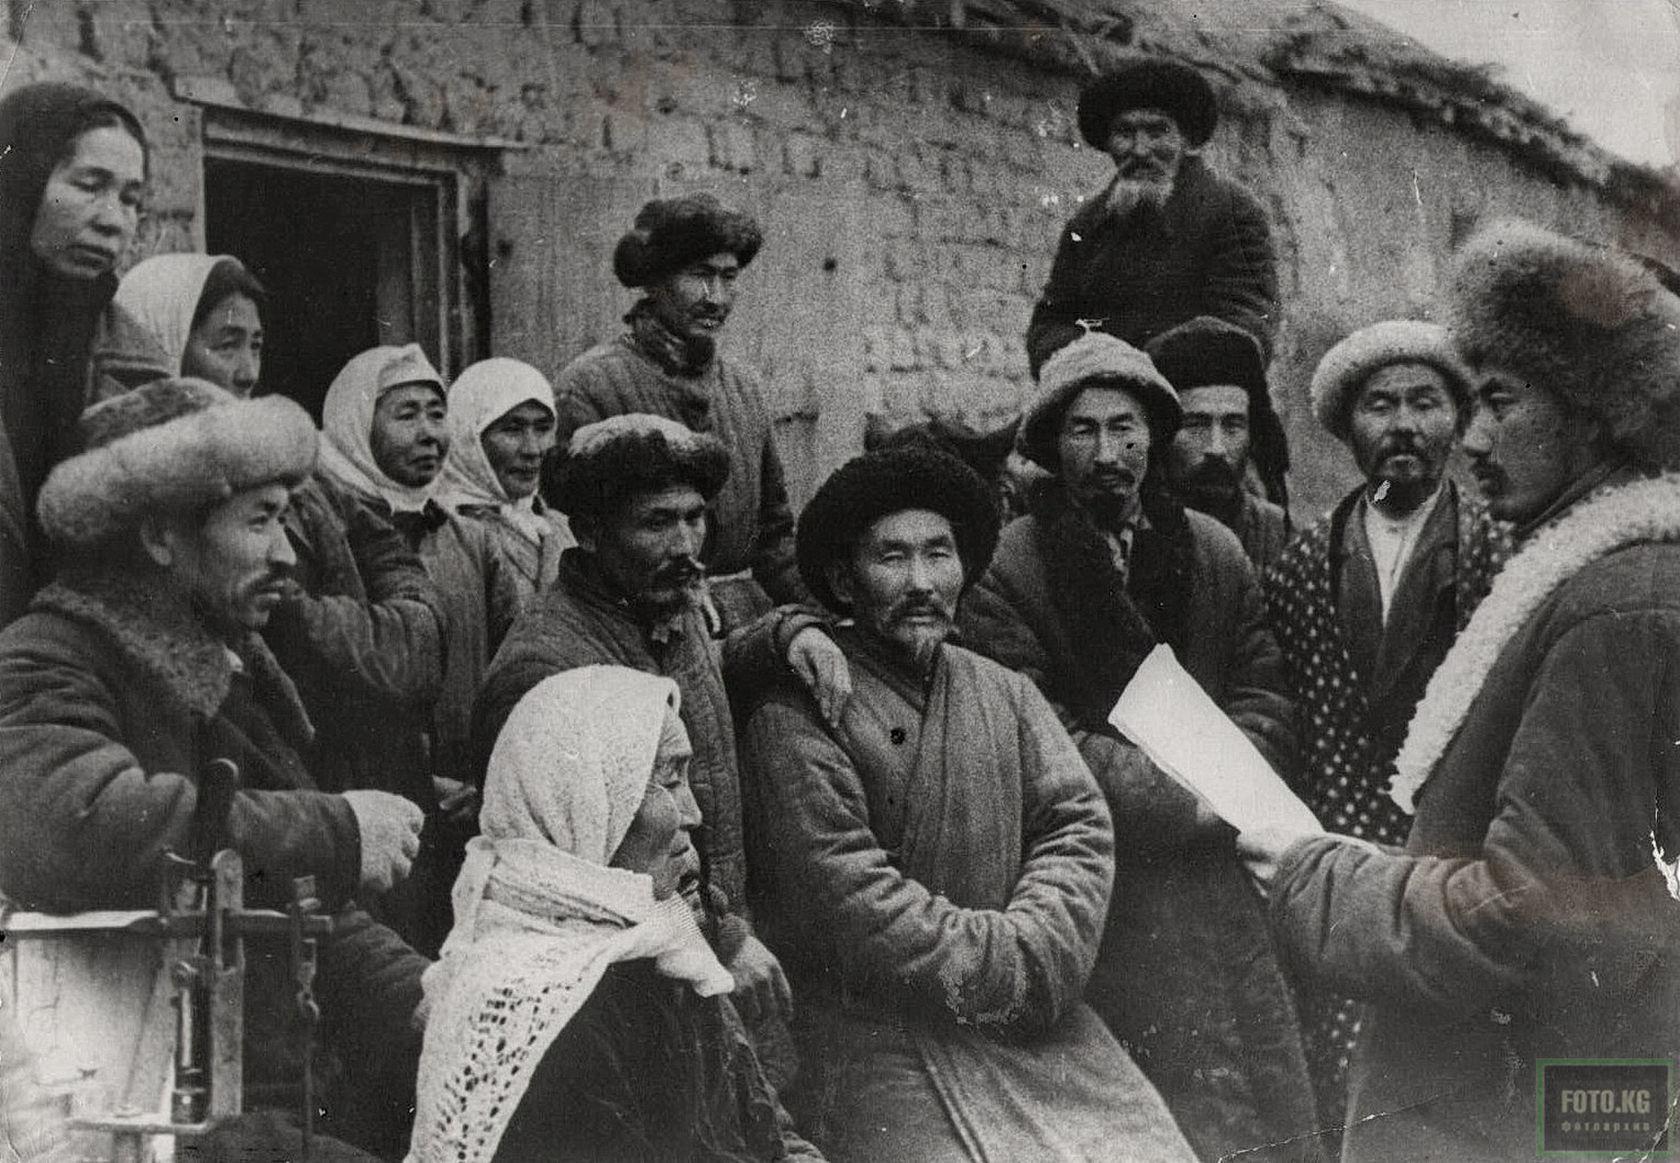 Председатель колхоза «Октябрь» зачитывает колхозникам сообщение Совинформбюро. Фото 1941 год